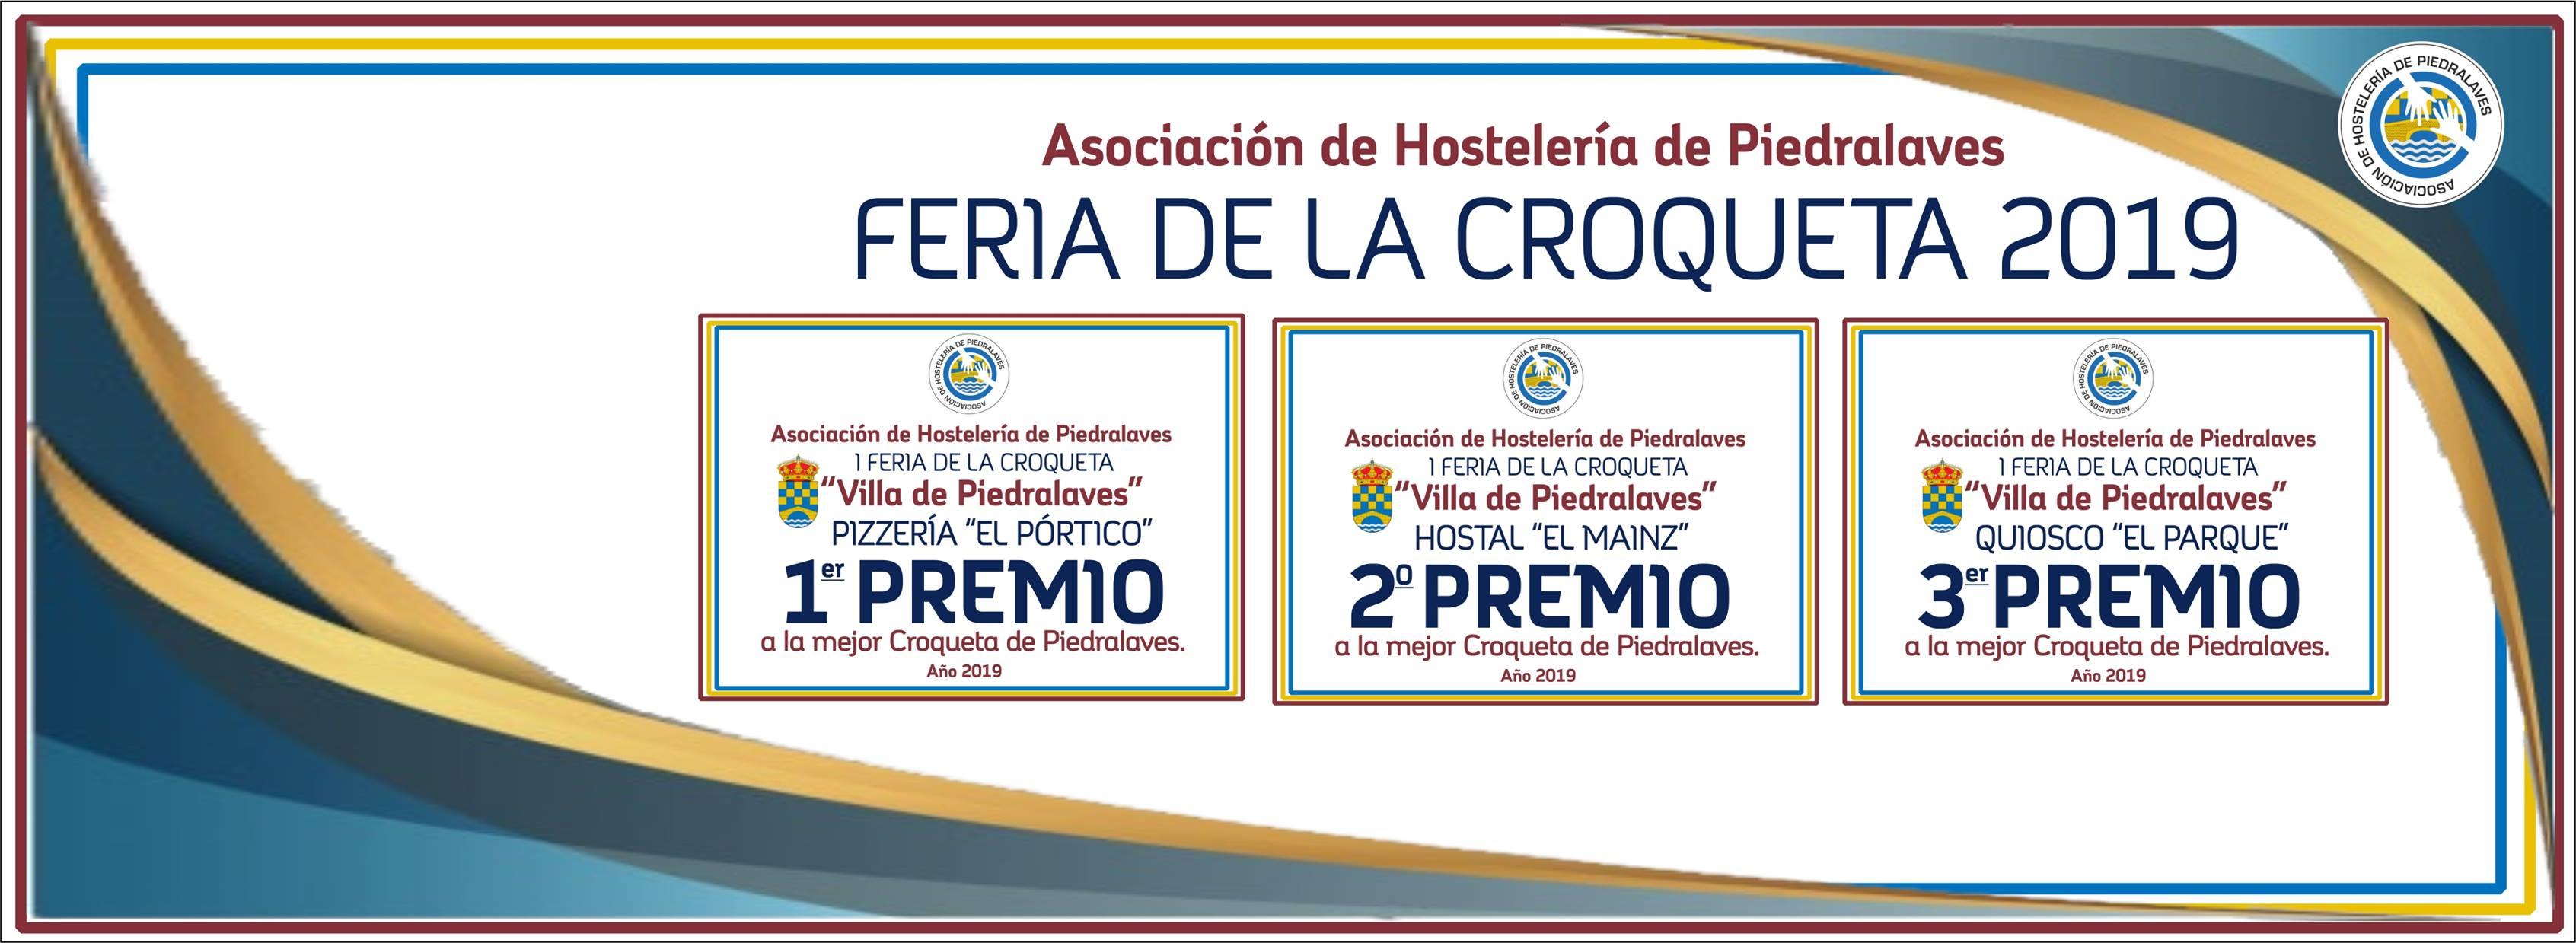 Ganadores I Feria de la Croqueta en Piedralaves - TiétarTeVe